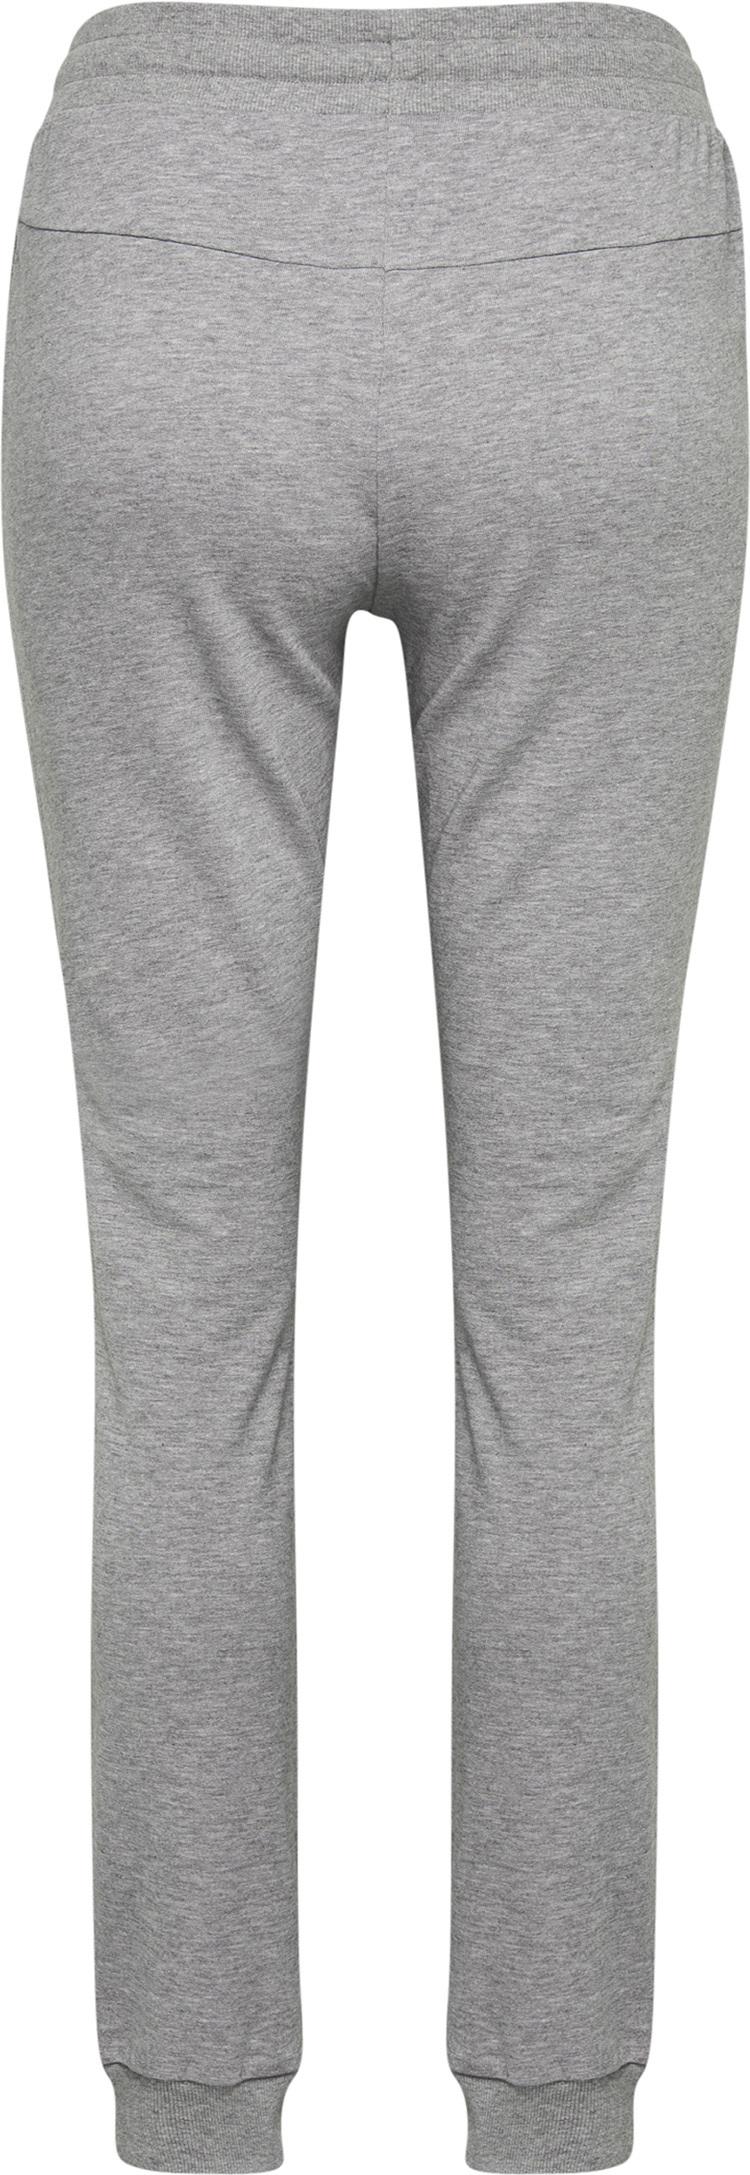 Купить Спортивные штаны женские Hummel HML МАДЛЕН r M на Otpravka - цены и фото - доставка из Польши и стран Европы в Украину.